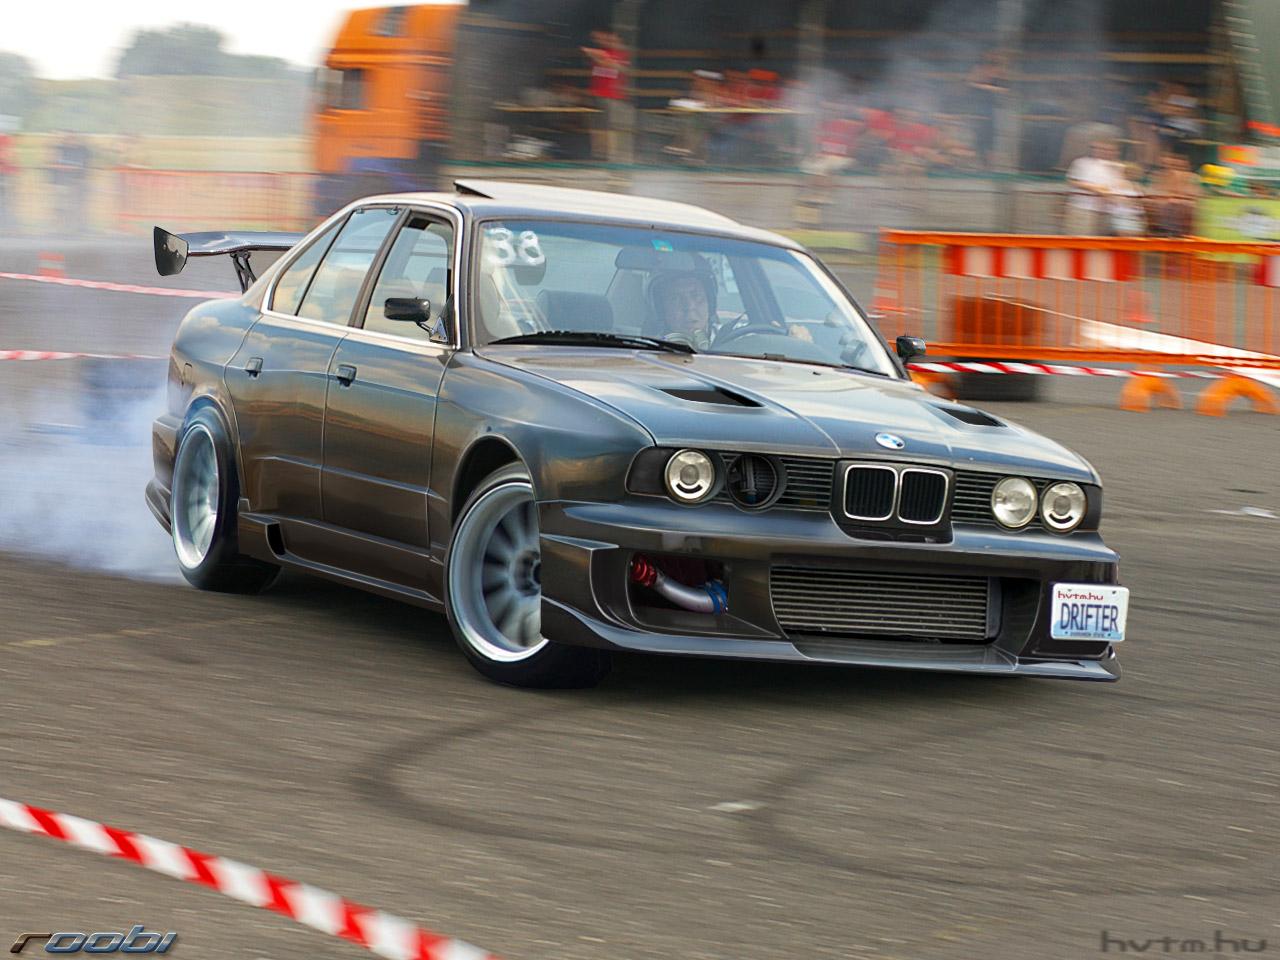 Bmw Drift Cars Drive Fire